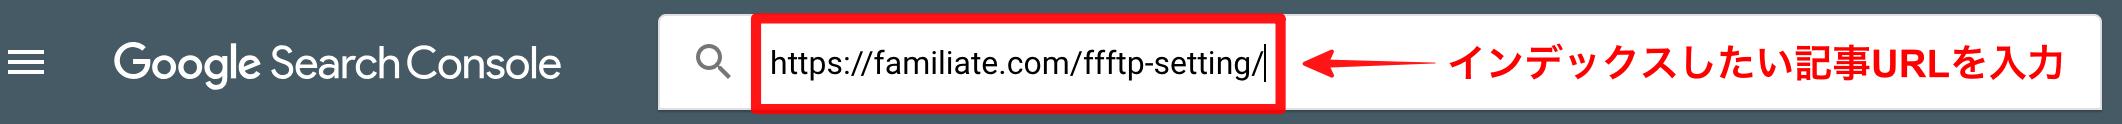 インデックスした記事URLを入力